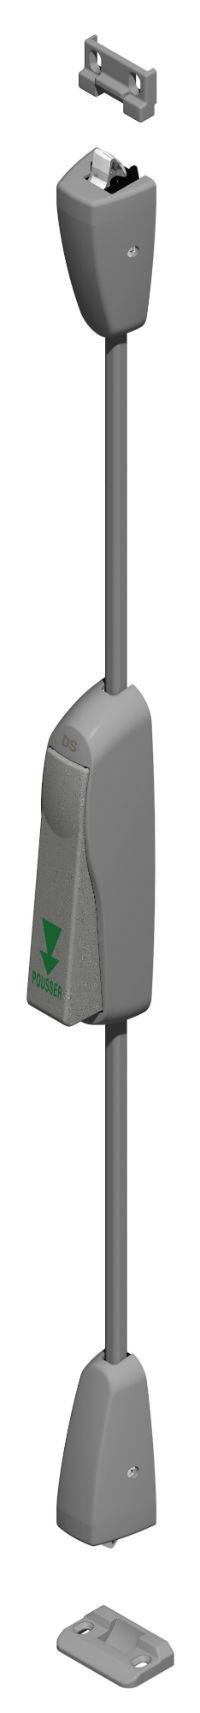 Fermeture d'urgence Sevad avec tringle CROISEE DS - grise - 8250-0-7